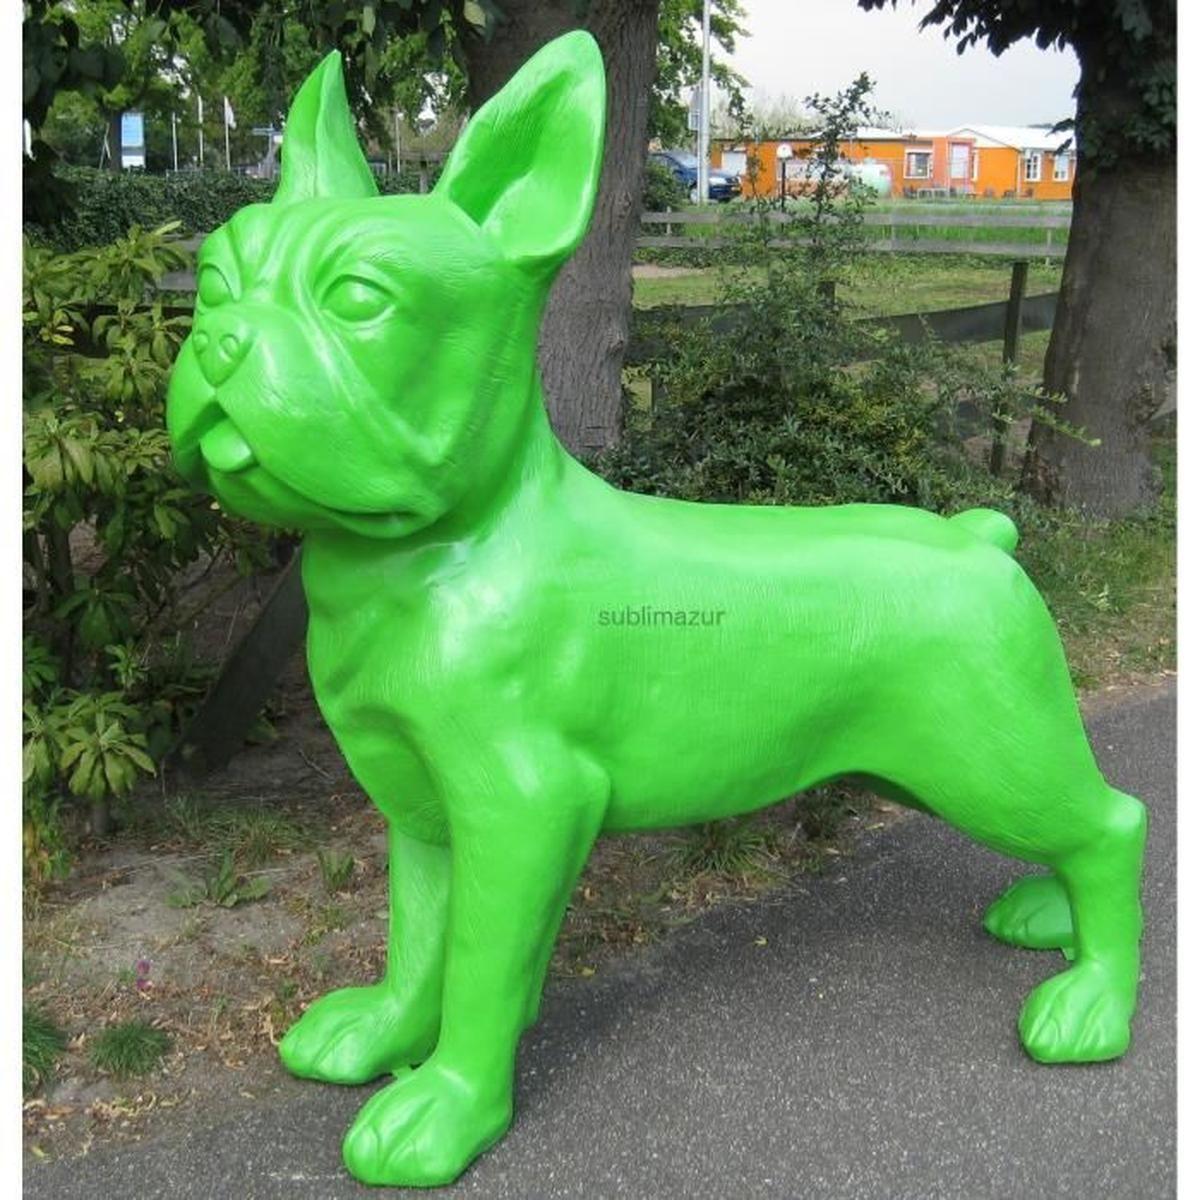 Statue Sculpture Chien Bouledogue Francais Xxl Colori Vert ... intérieur Nain De Jardin Fuck